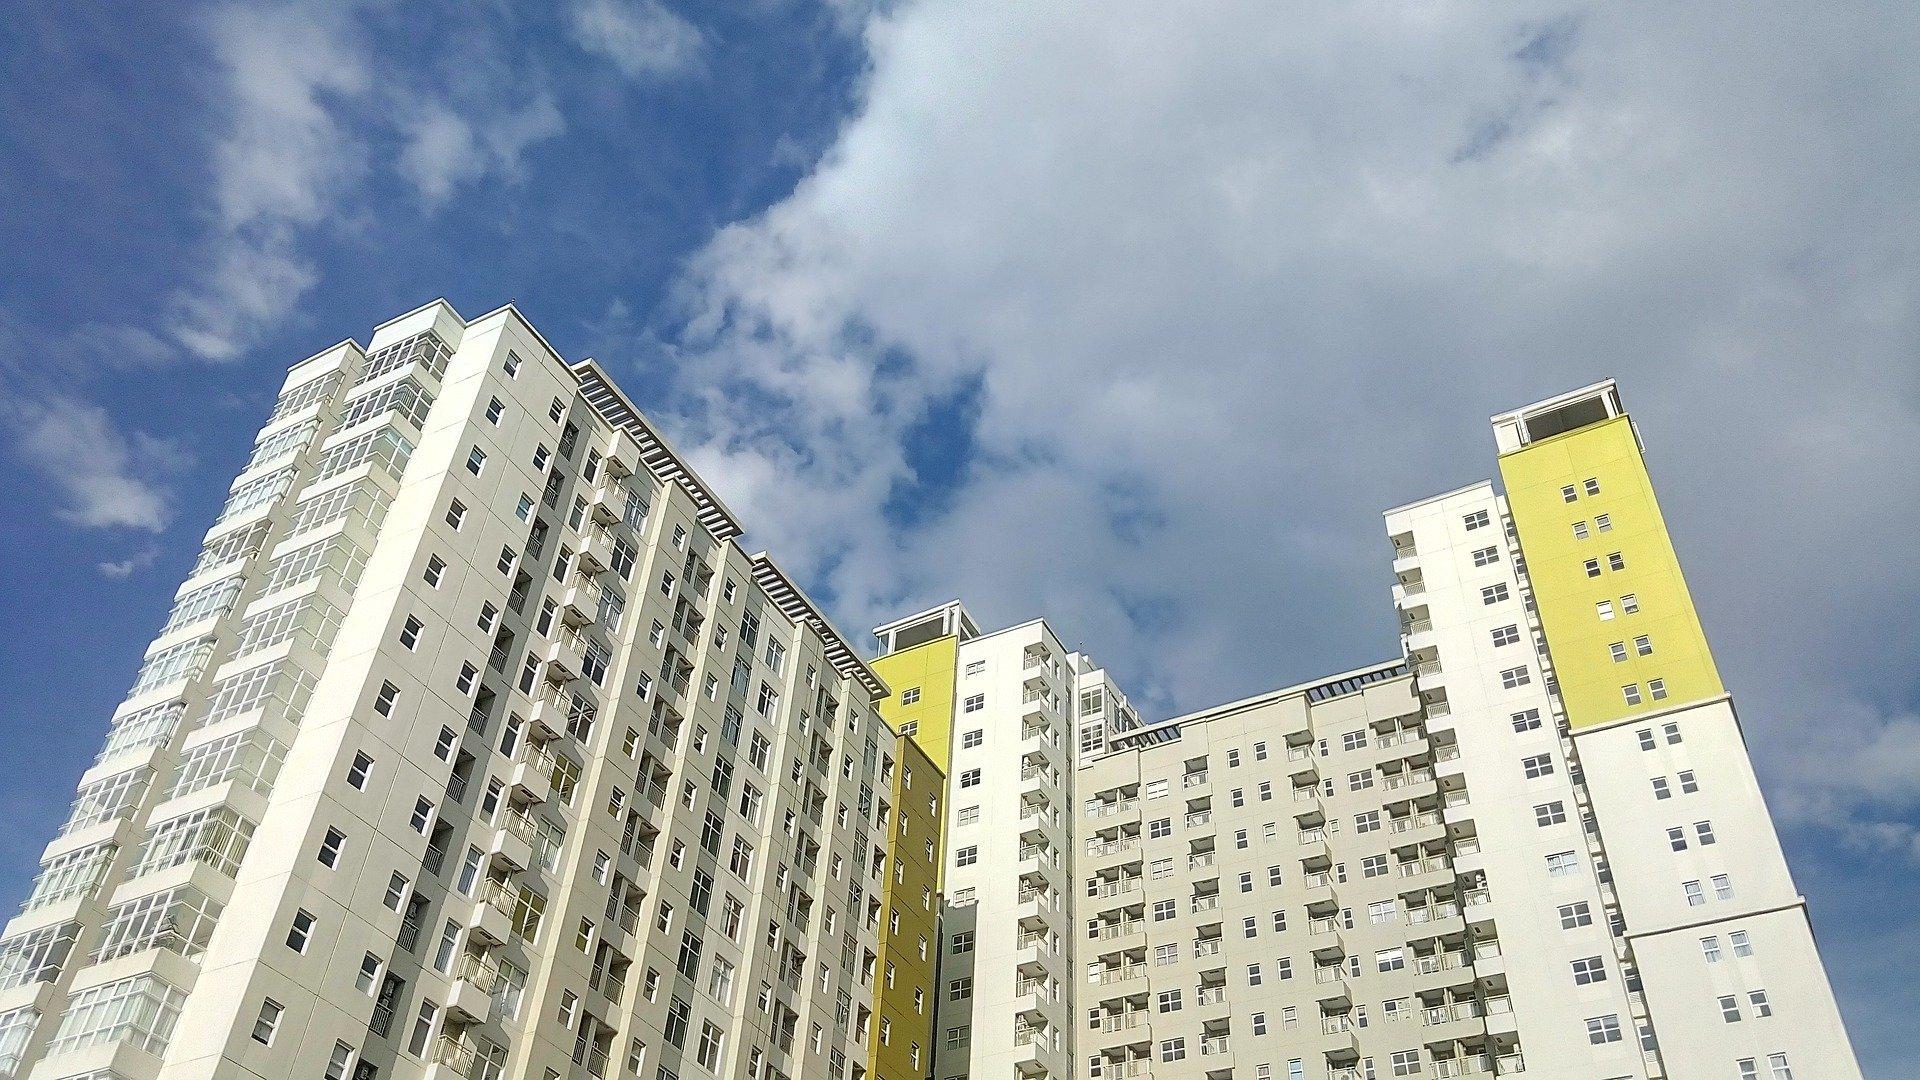 Застройщиков апартаментов могут заставить платить отчисления в фонд защиты дольщиков